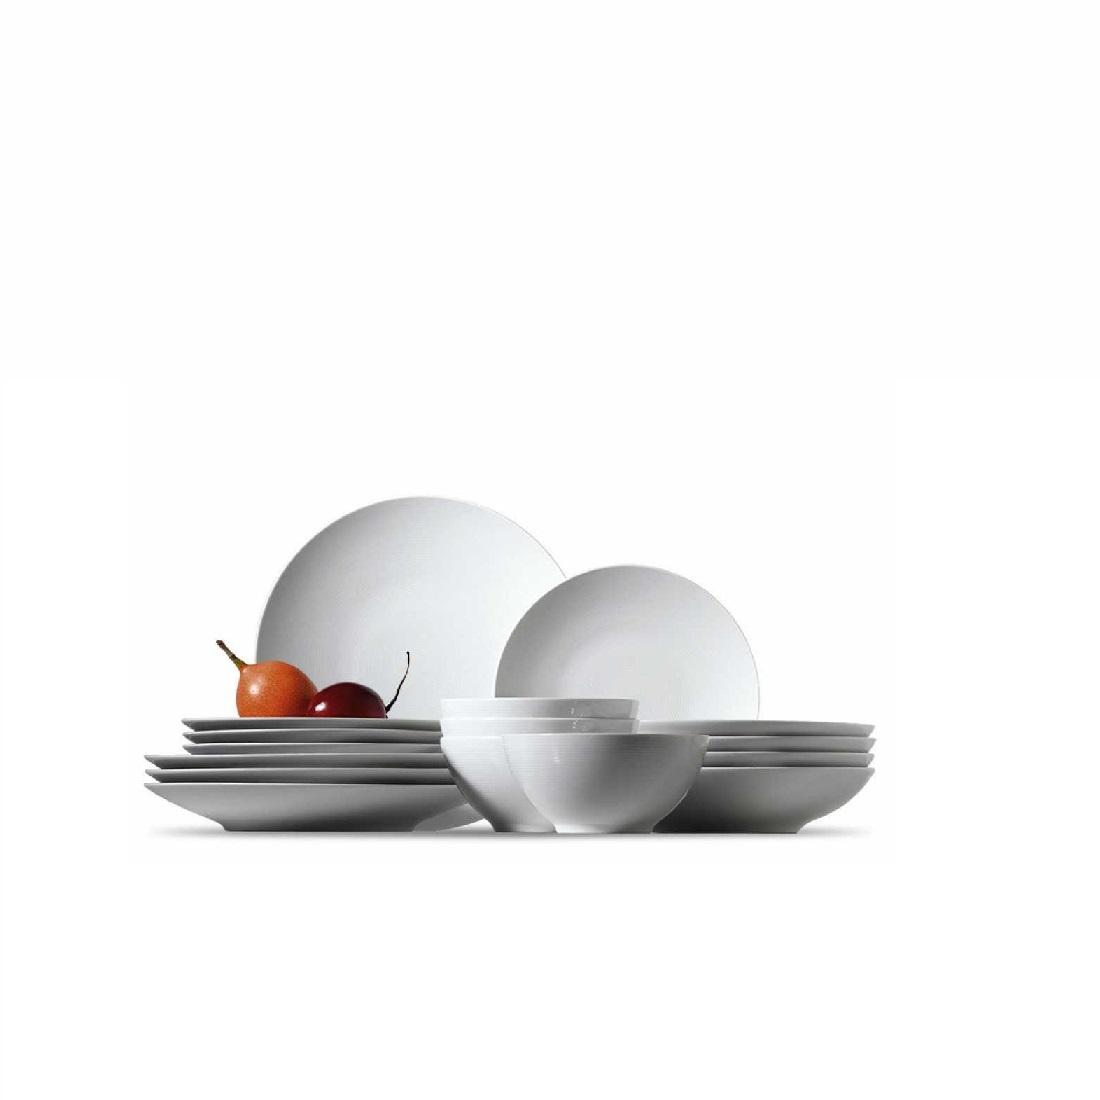 Набор столовый Rosenthal Loft, белый, 16 предметов Rosenthal 11900-800001-18733 фото 1